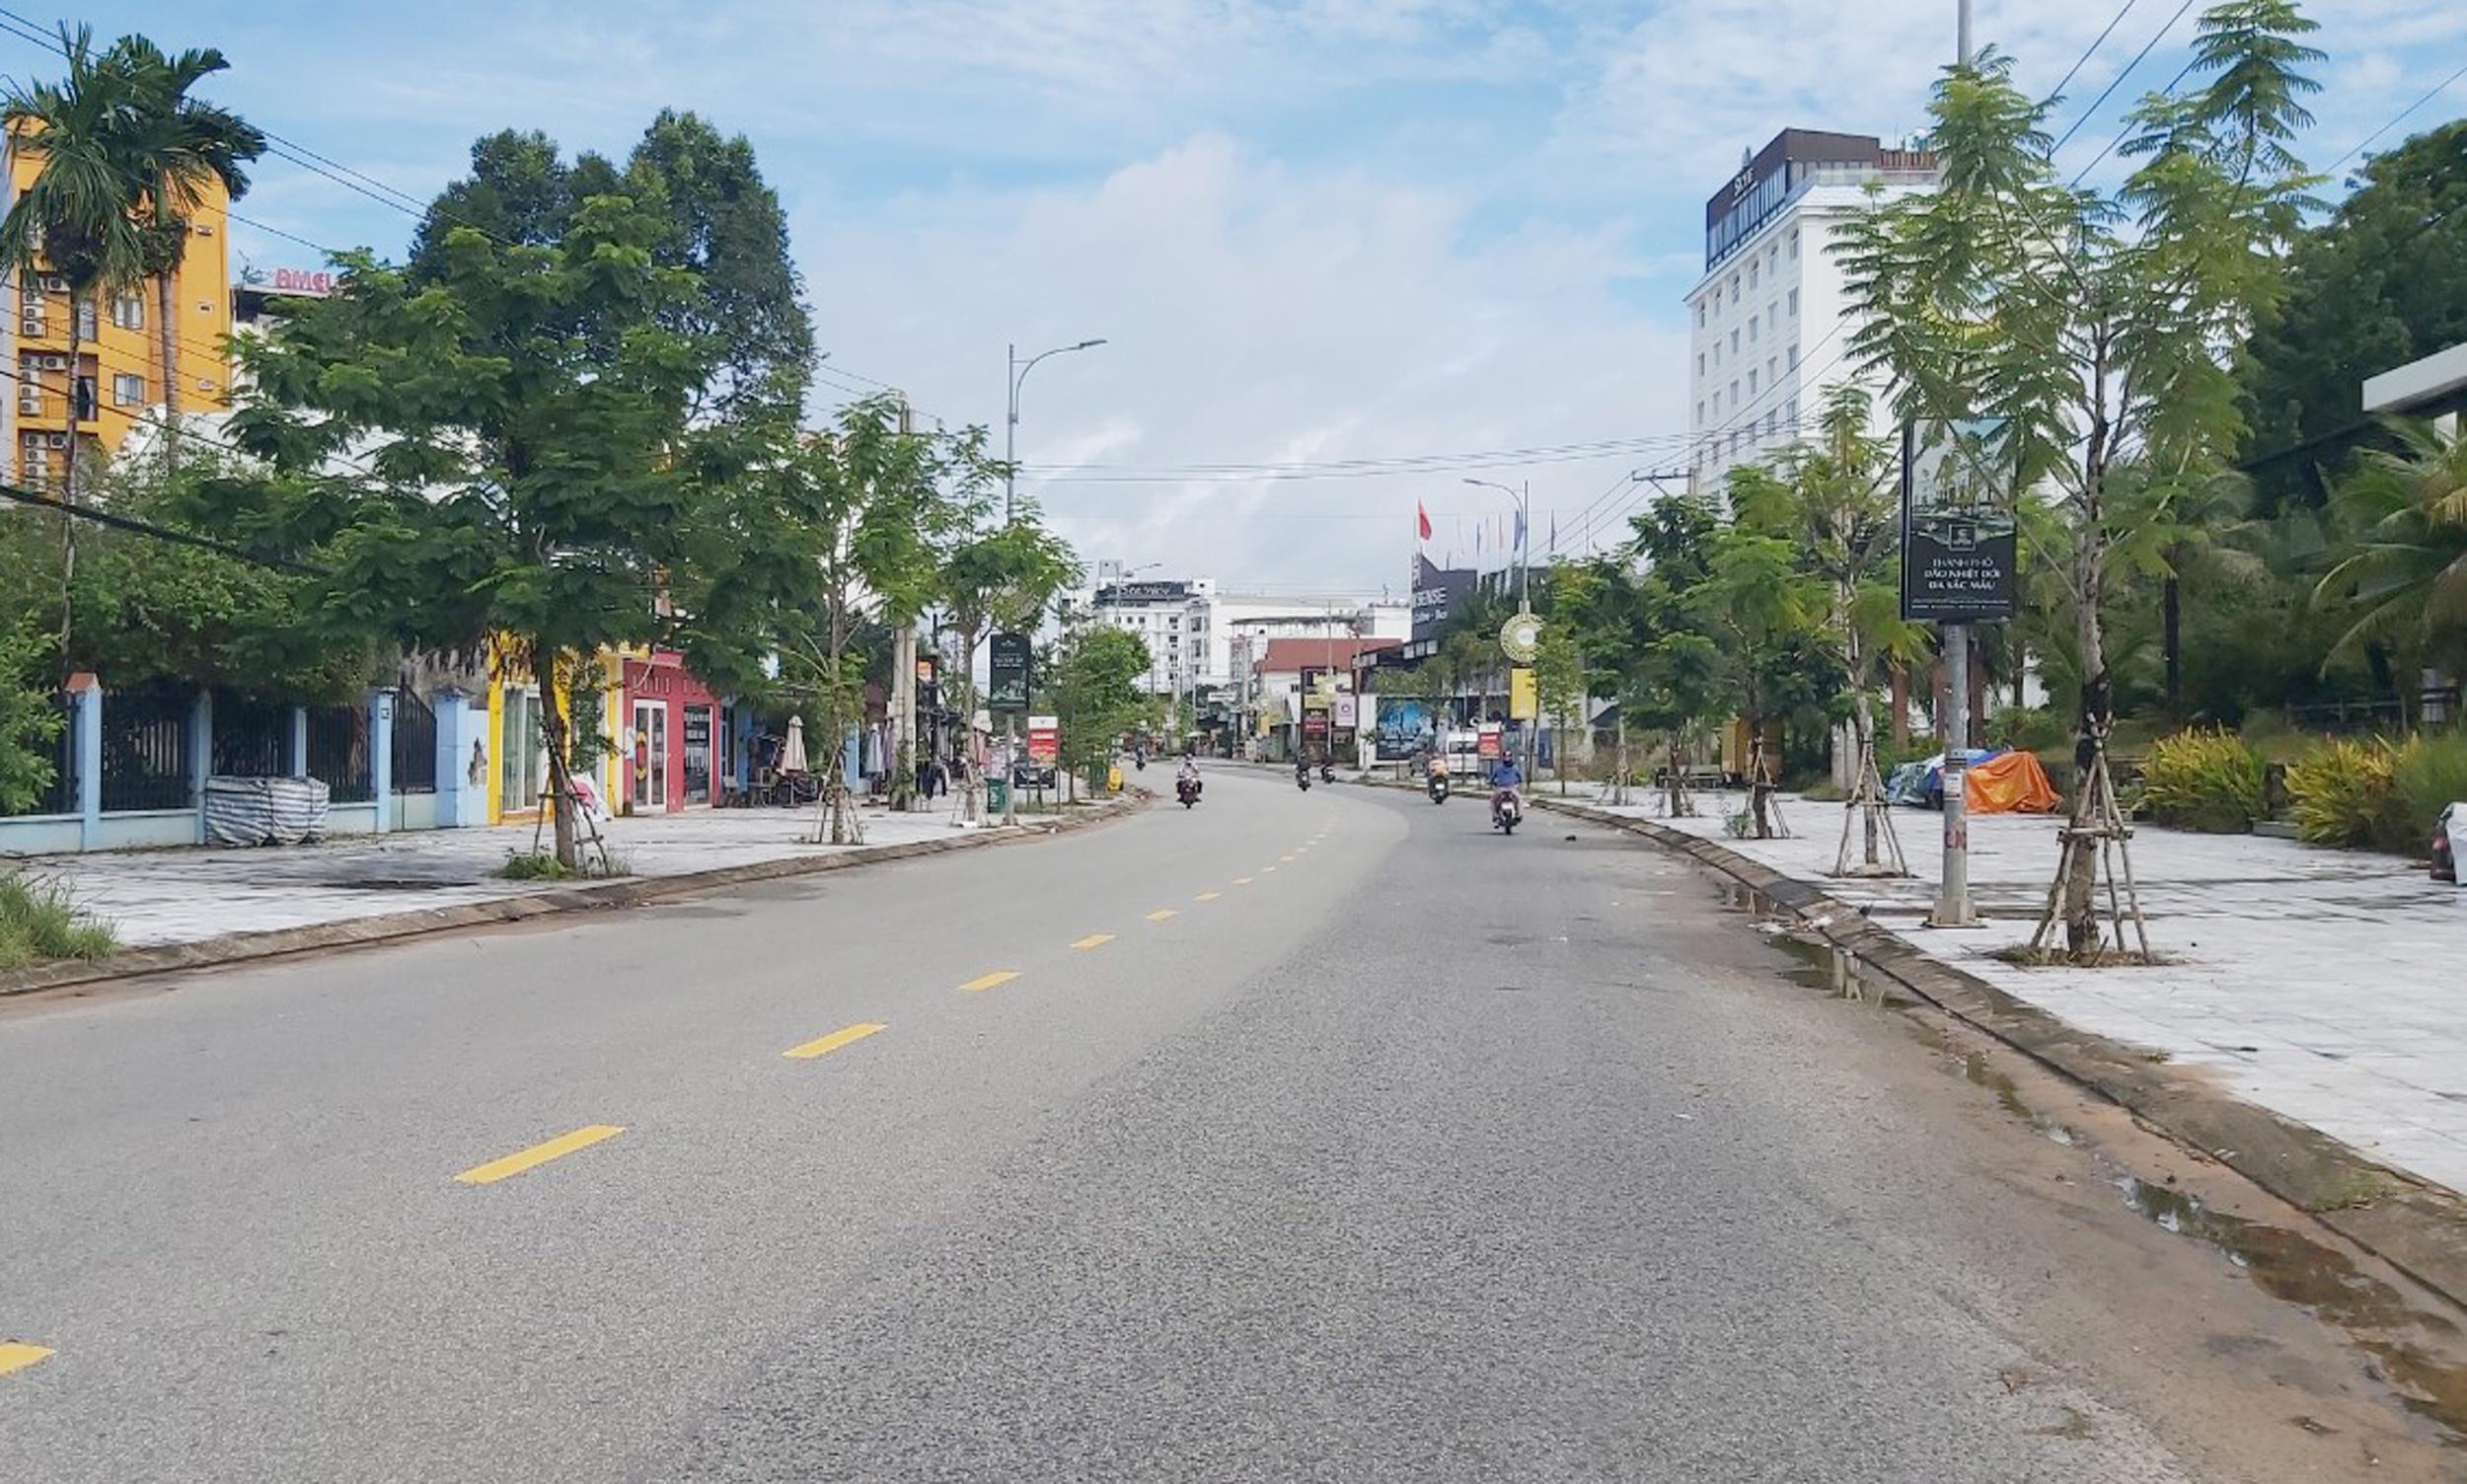 Cho o Phu Quoc vang hoe vi dich benh anh 3  - phu_quoc_4 - Xuất hiện nhiều F0, chợ Phú Quốc vắng khách